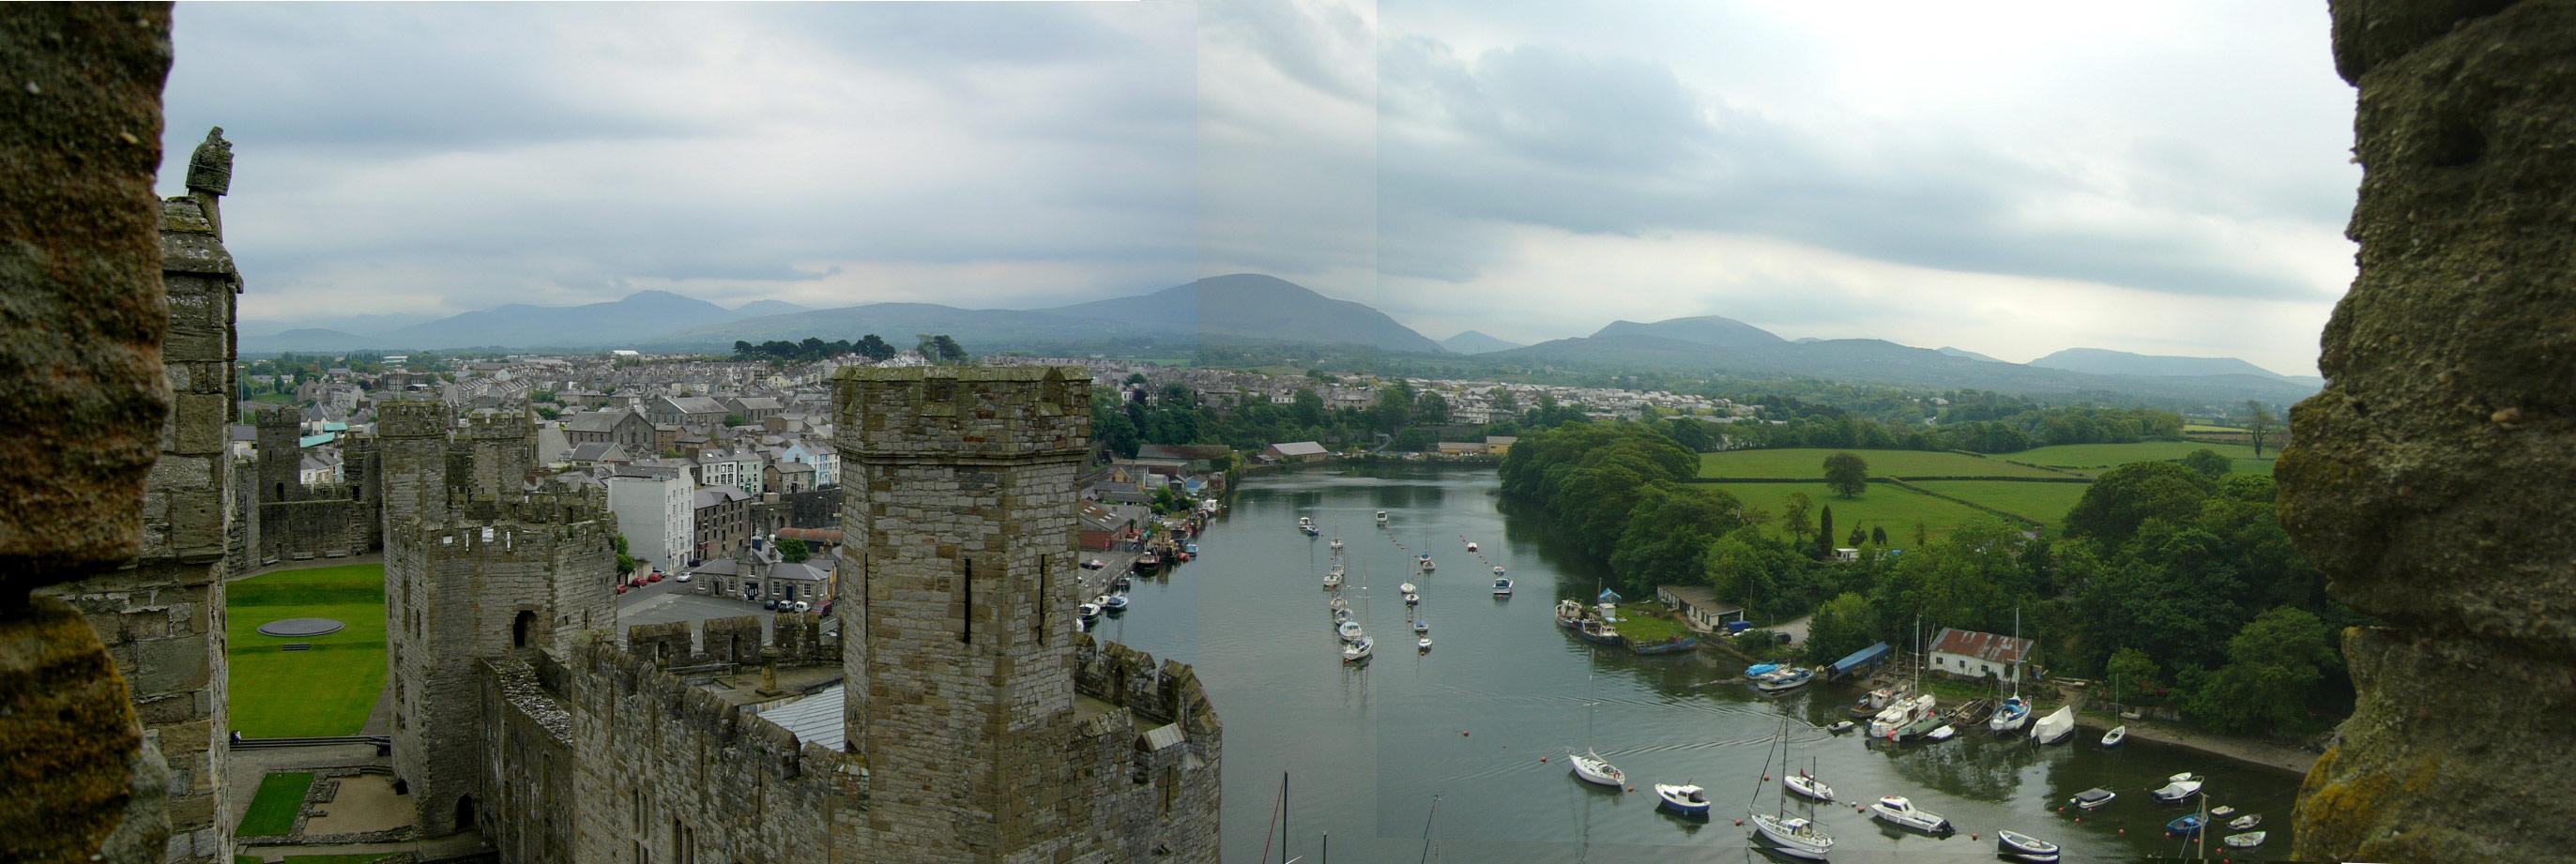 Caernarfon Castle Panoramic View